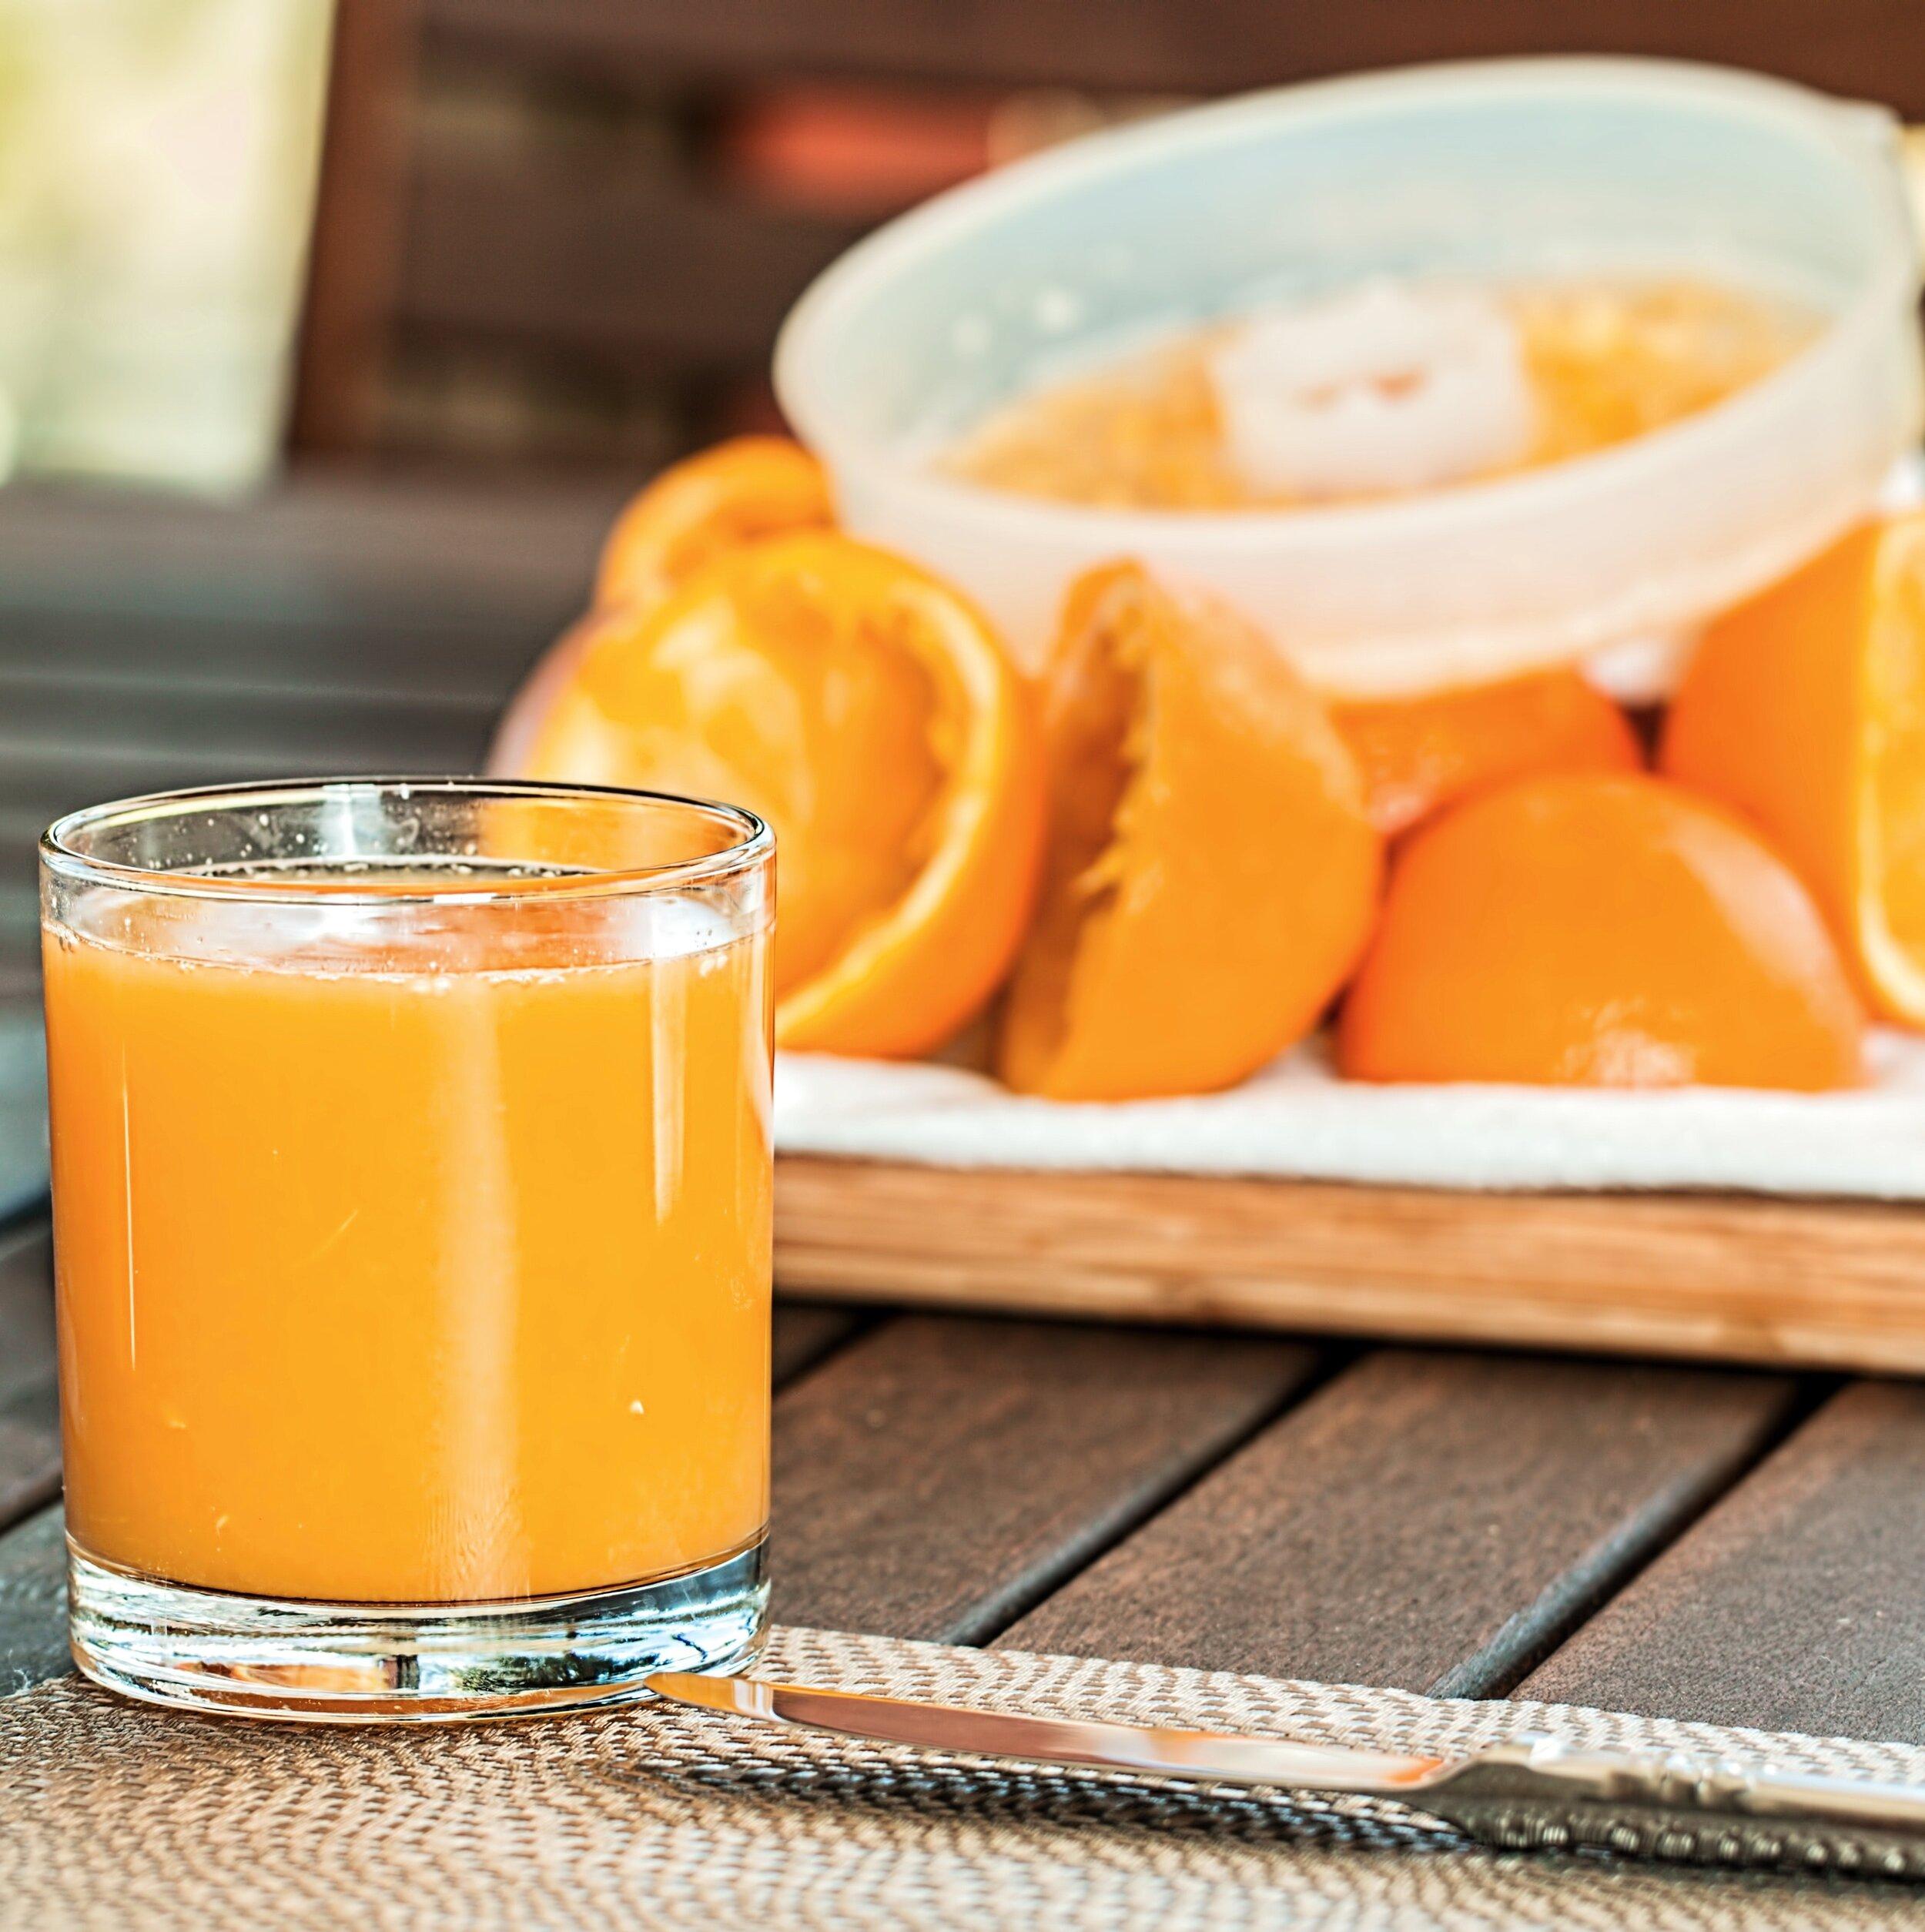 Easy peasy orange squeezy!